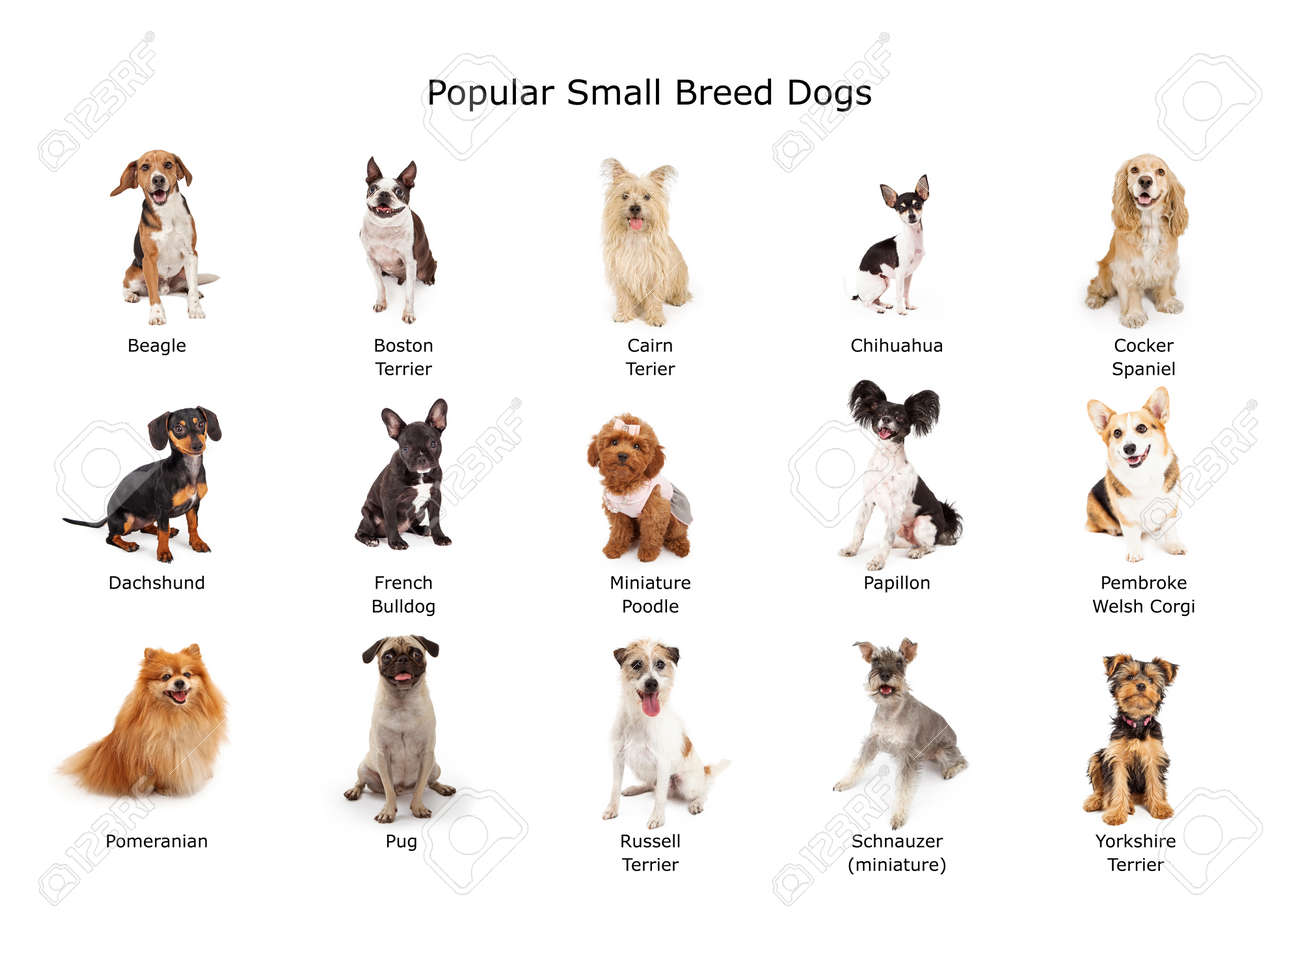 Un Grupo De Quince Raza Pequeña Común Perros Domésticos Fotos